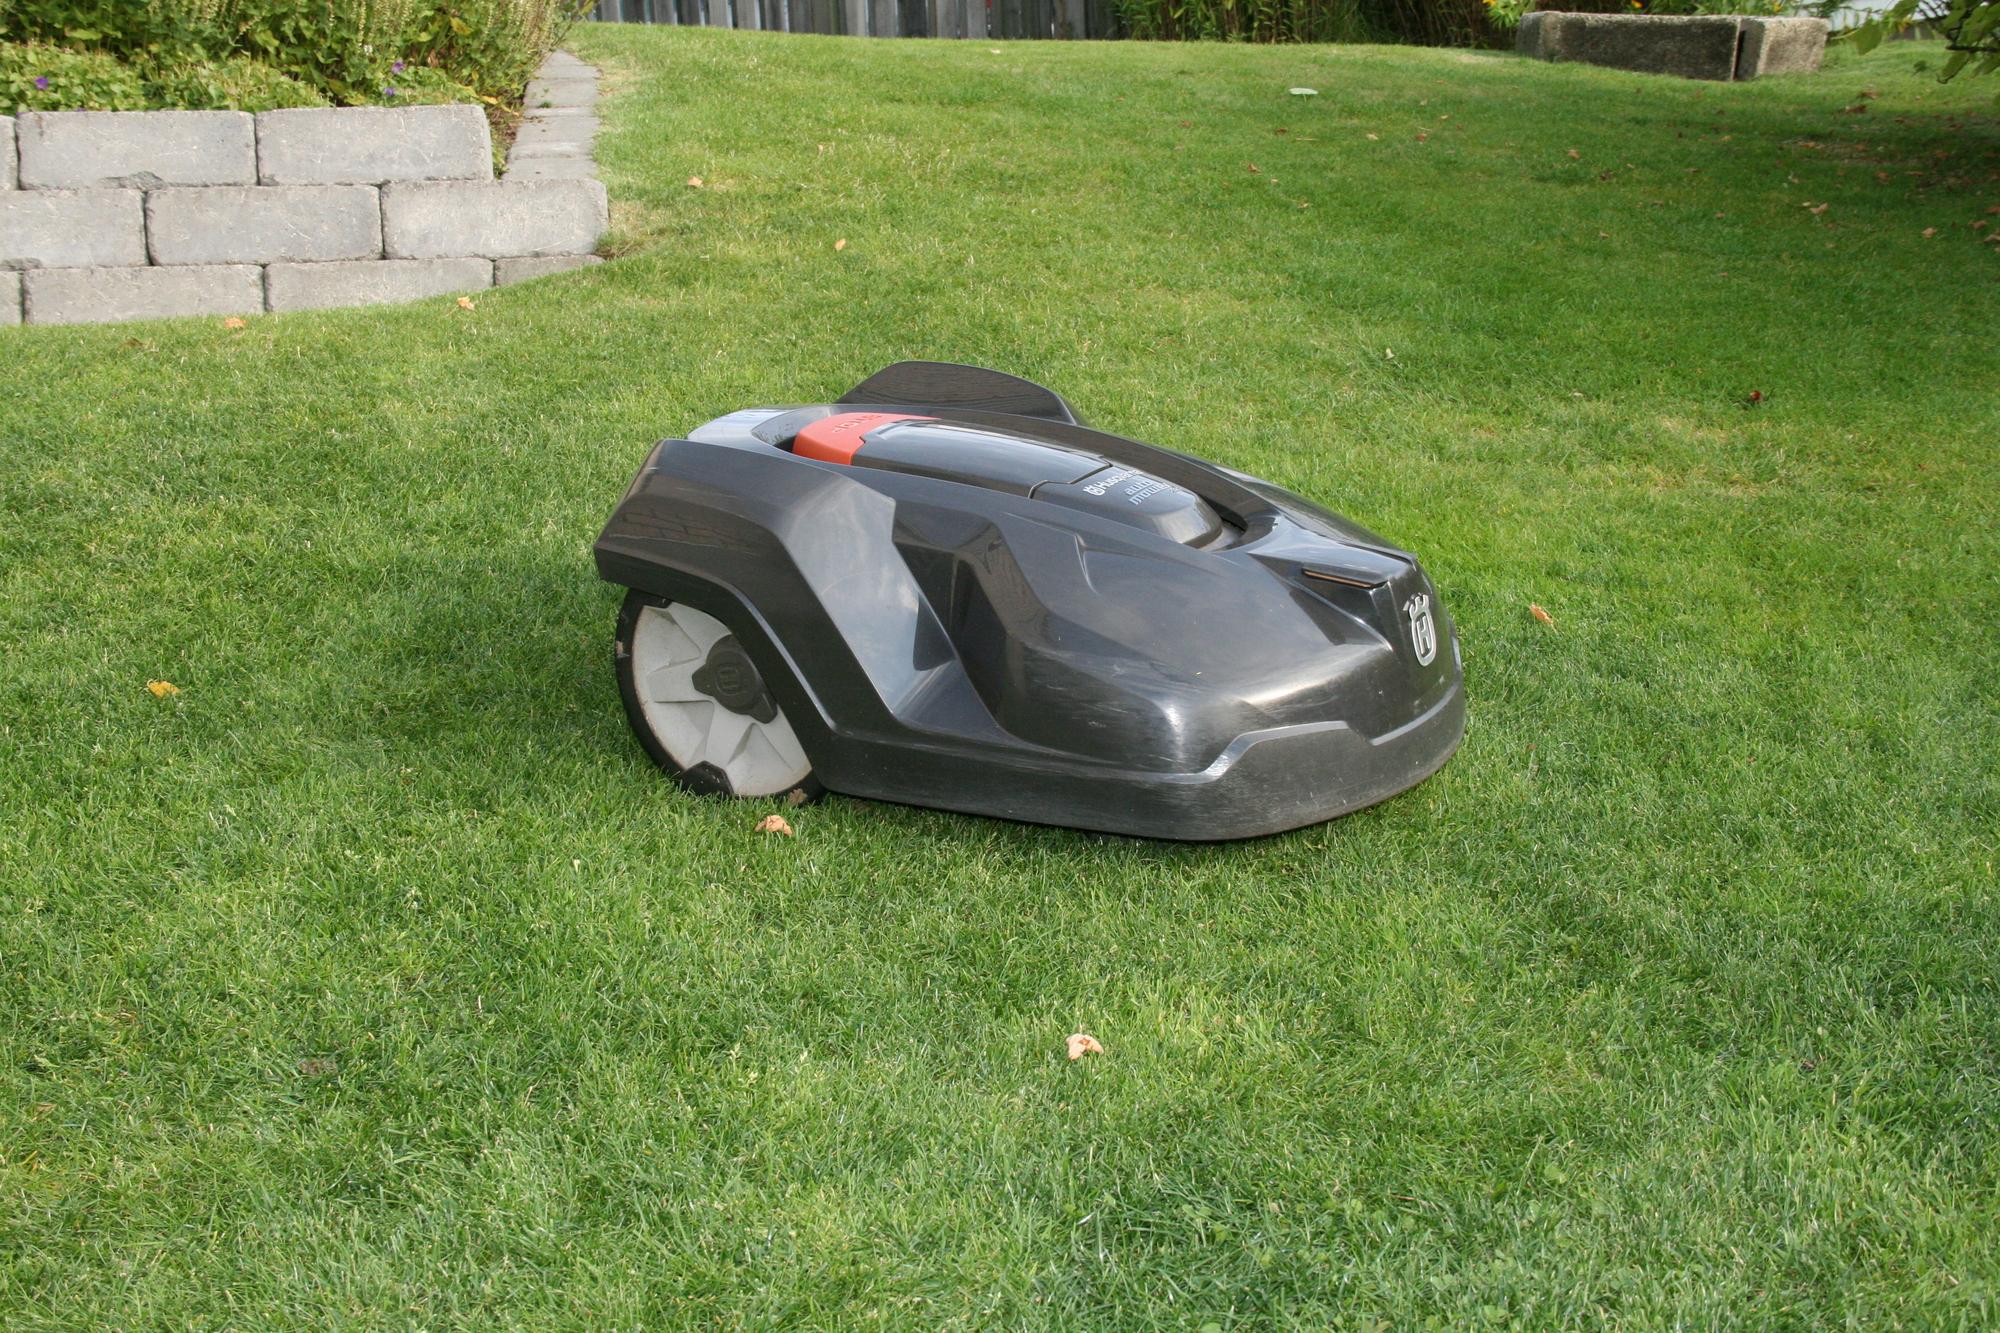 Med service och underhåll är din Husqvarna Automower redo för en lång säsong på gräsmattan